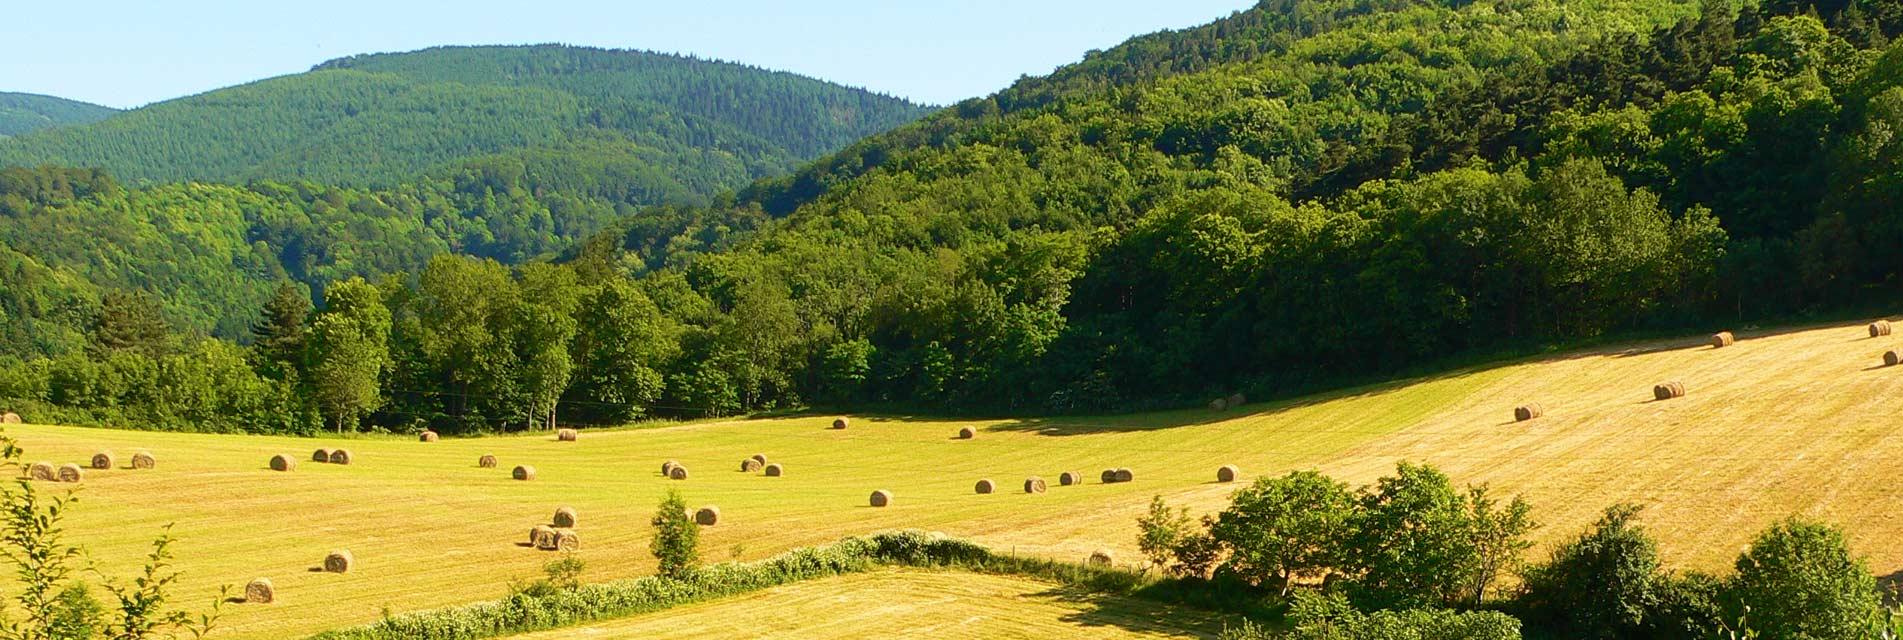 Le pays d'Autan et la Montagne Noire – Tarn – Occitanie